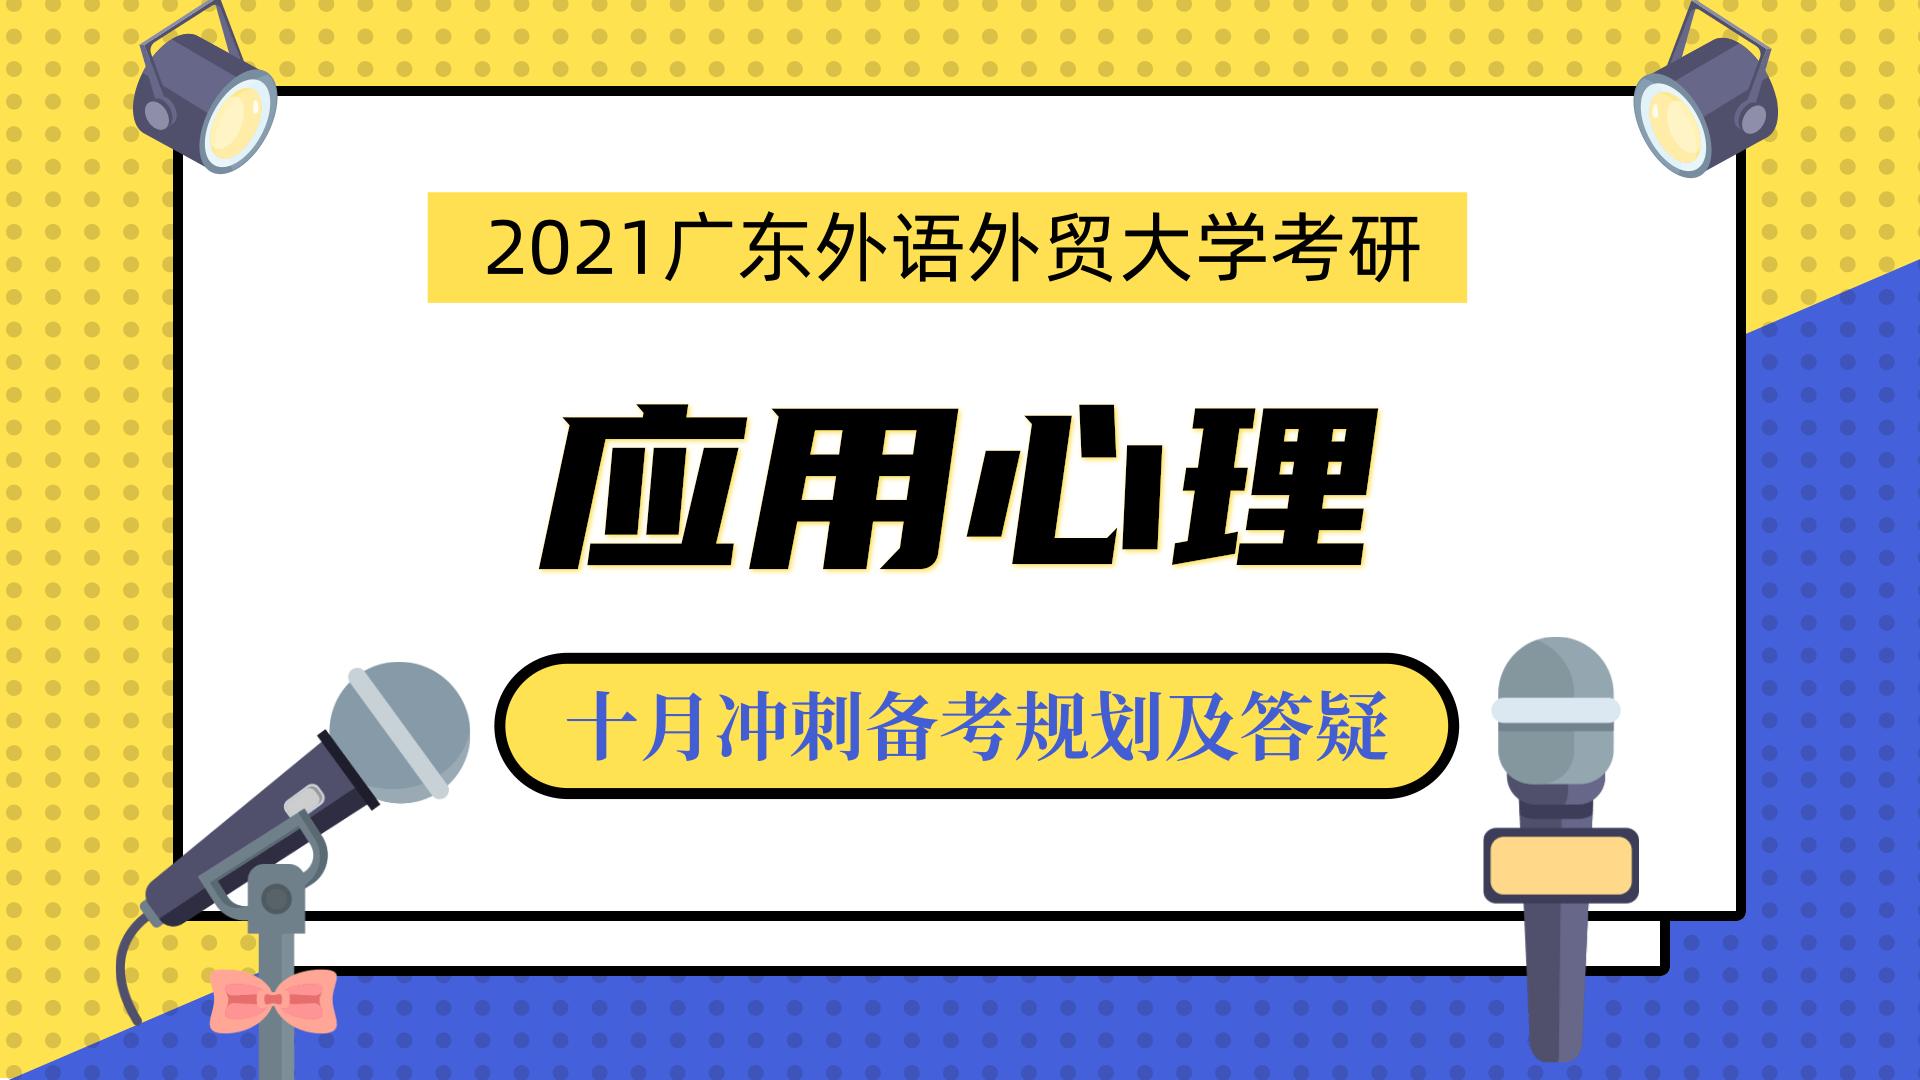 2021广东外语外贸大学应用心理考研十月答疑会:冲刺阶段答疑